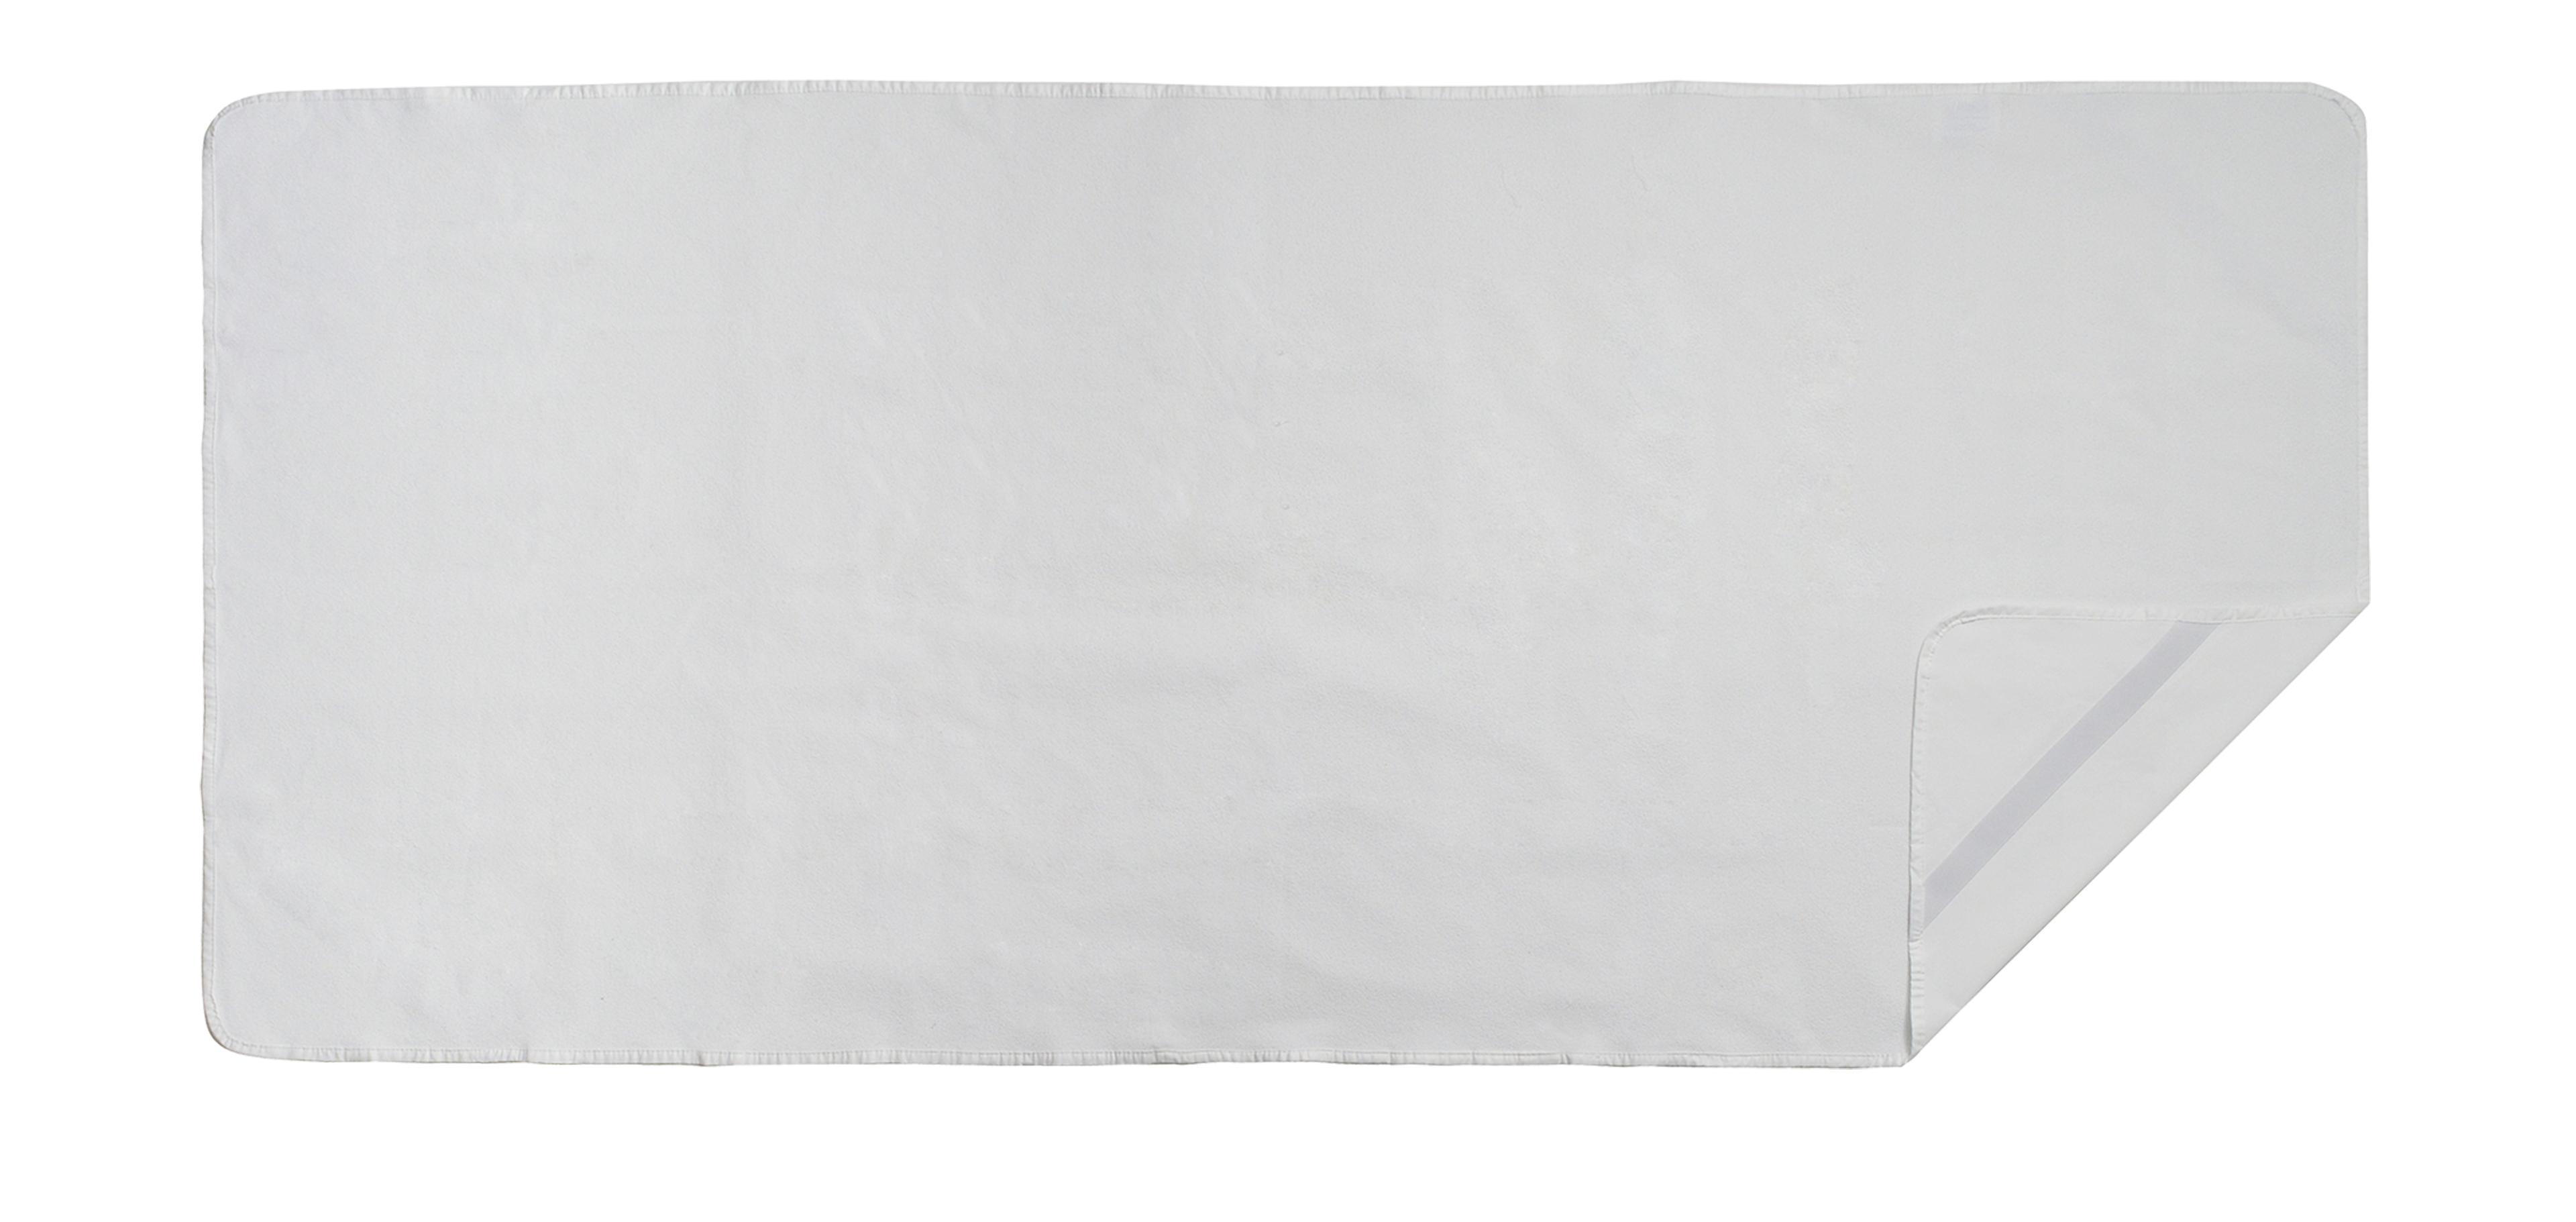 Chránič matrace Klinitex - 80 x 200 cm - Klinmam